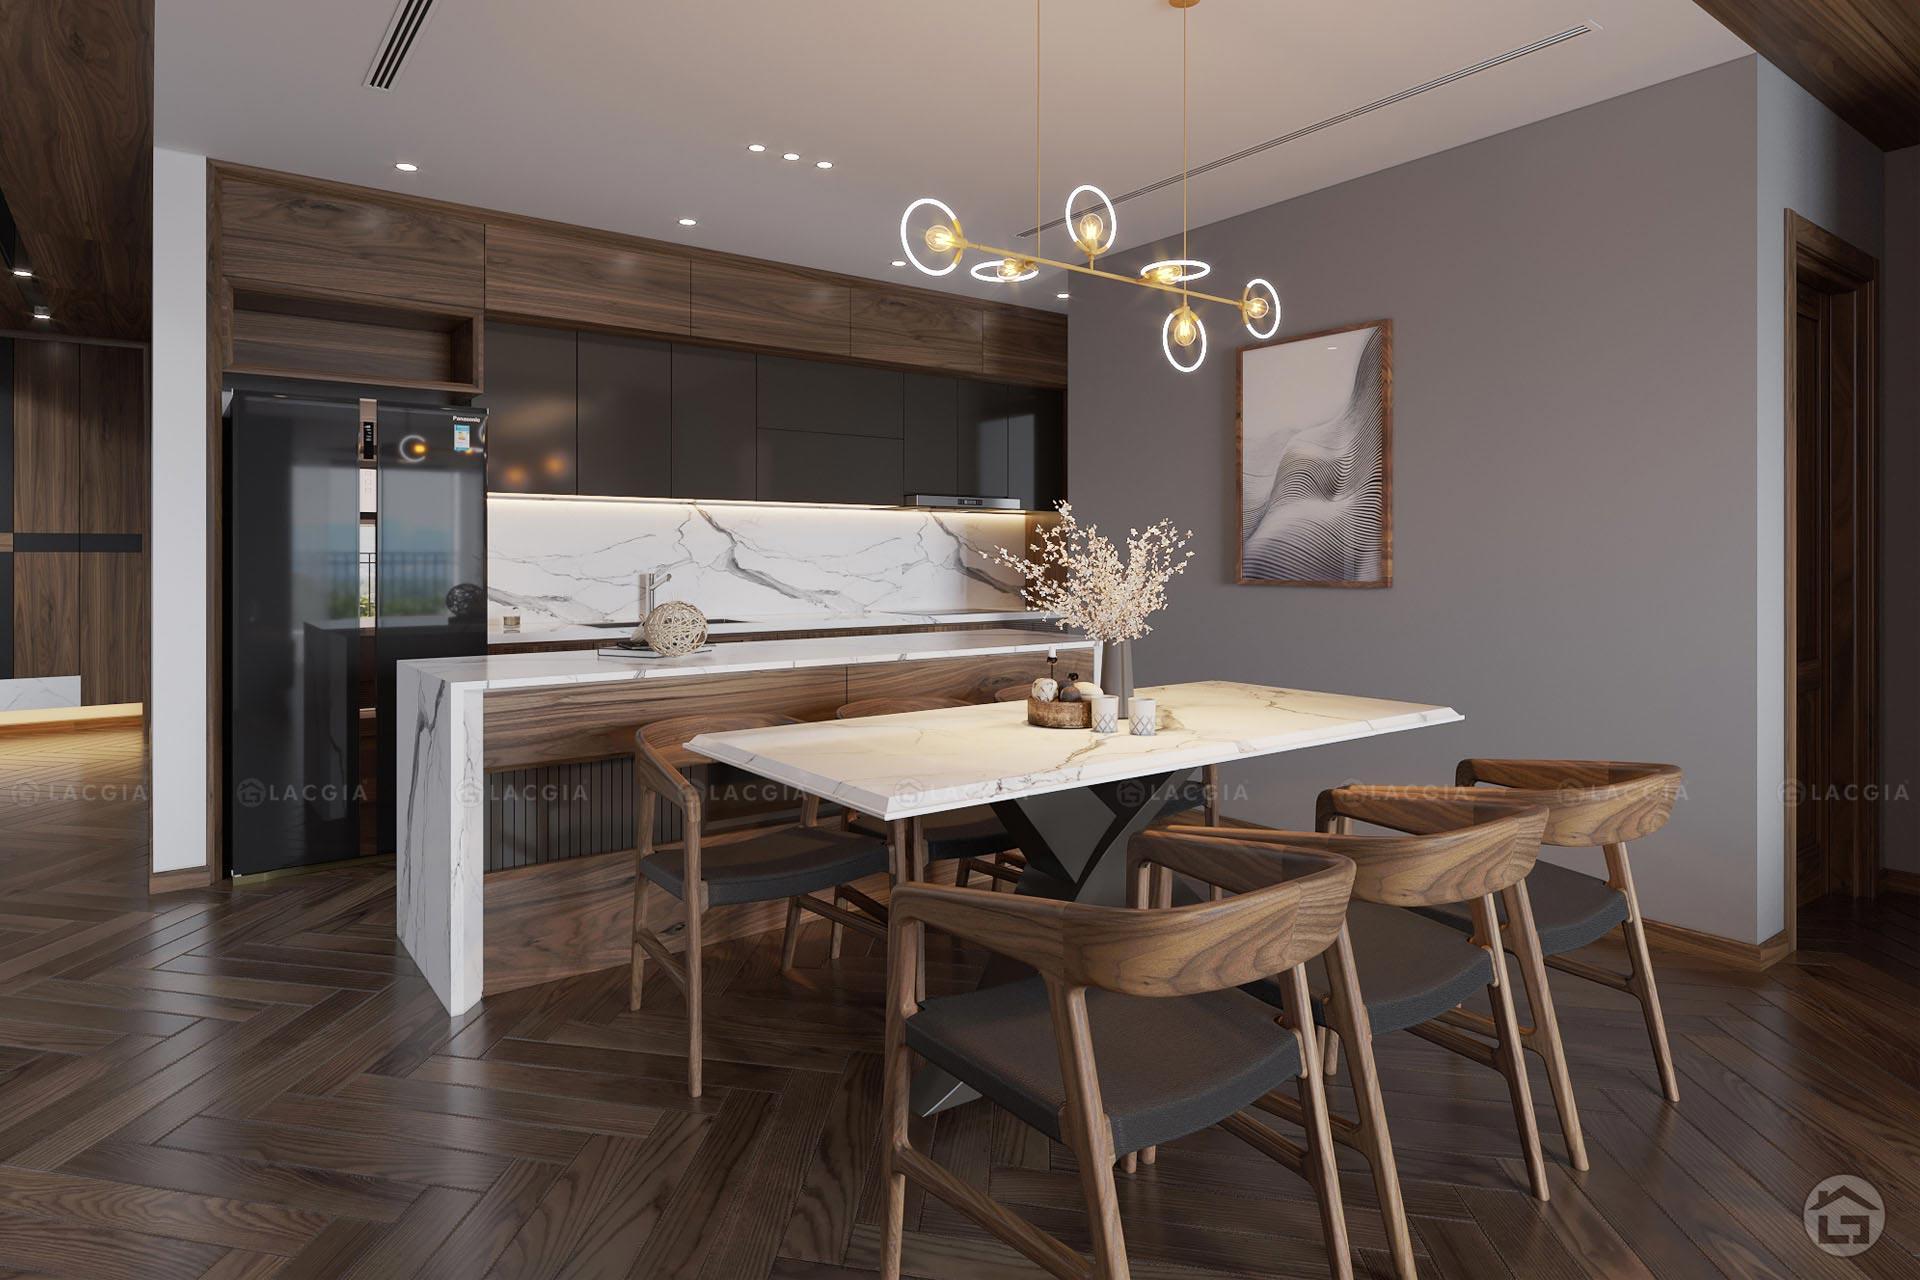 Sự kết nối không gian giữa phòng bếp và bàn ăn tiện lợi